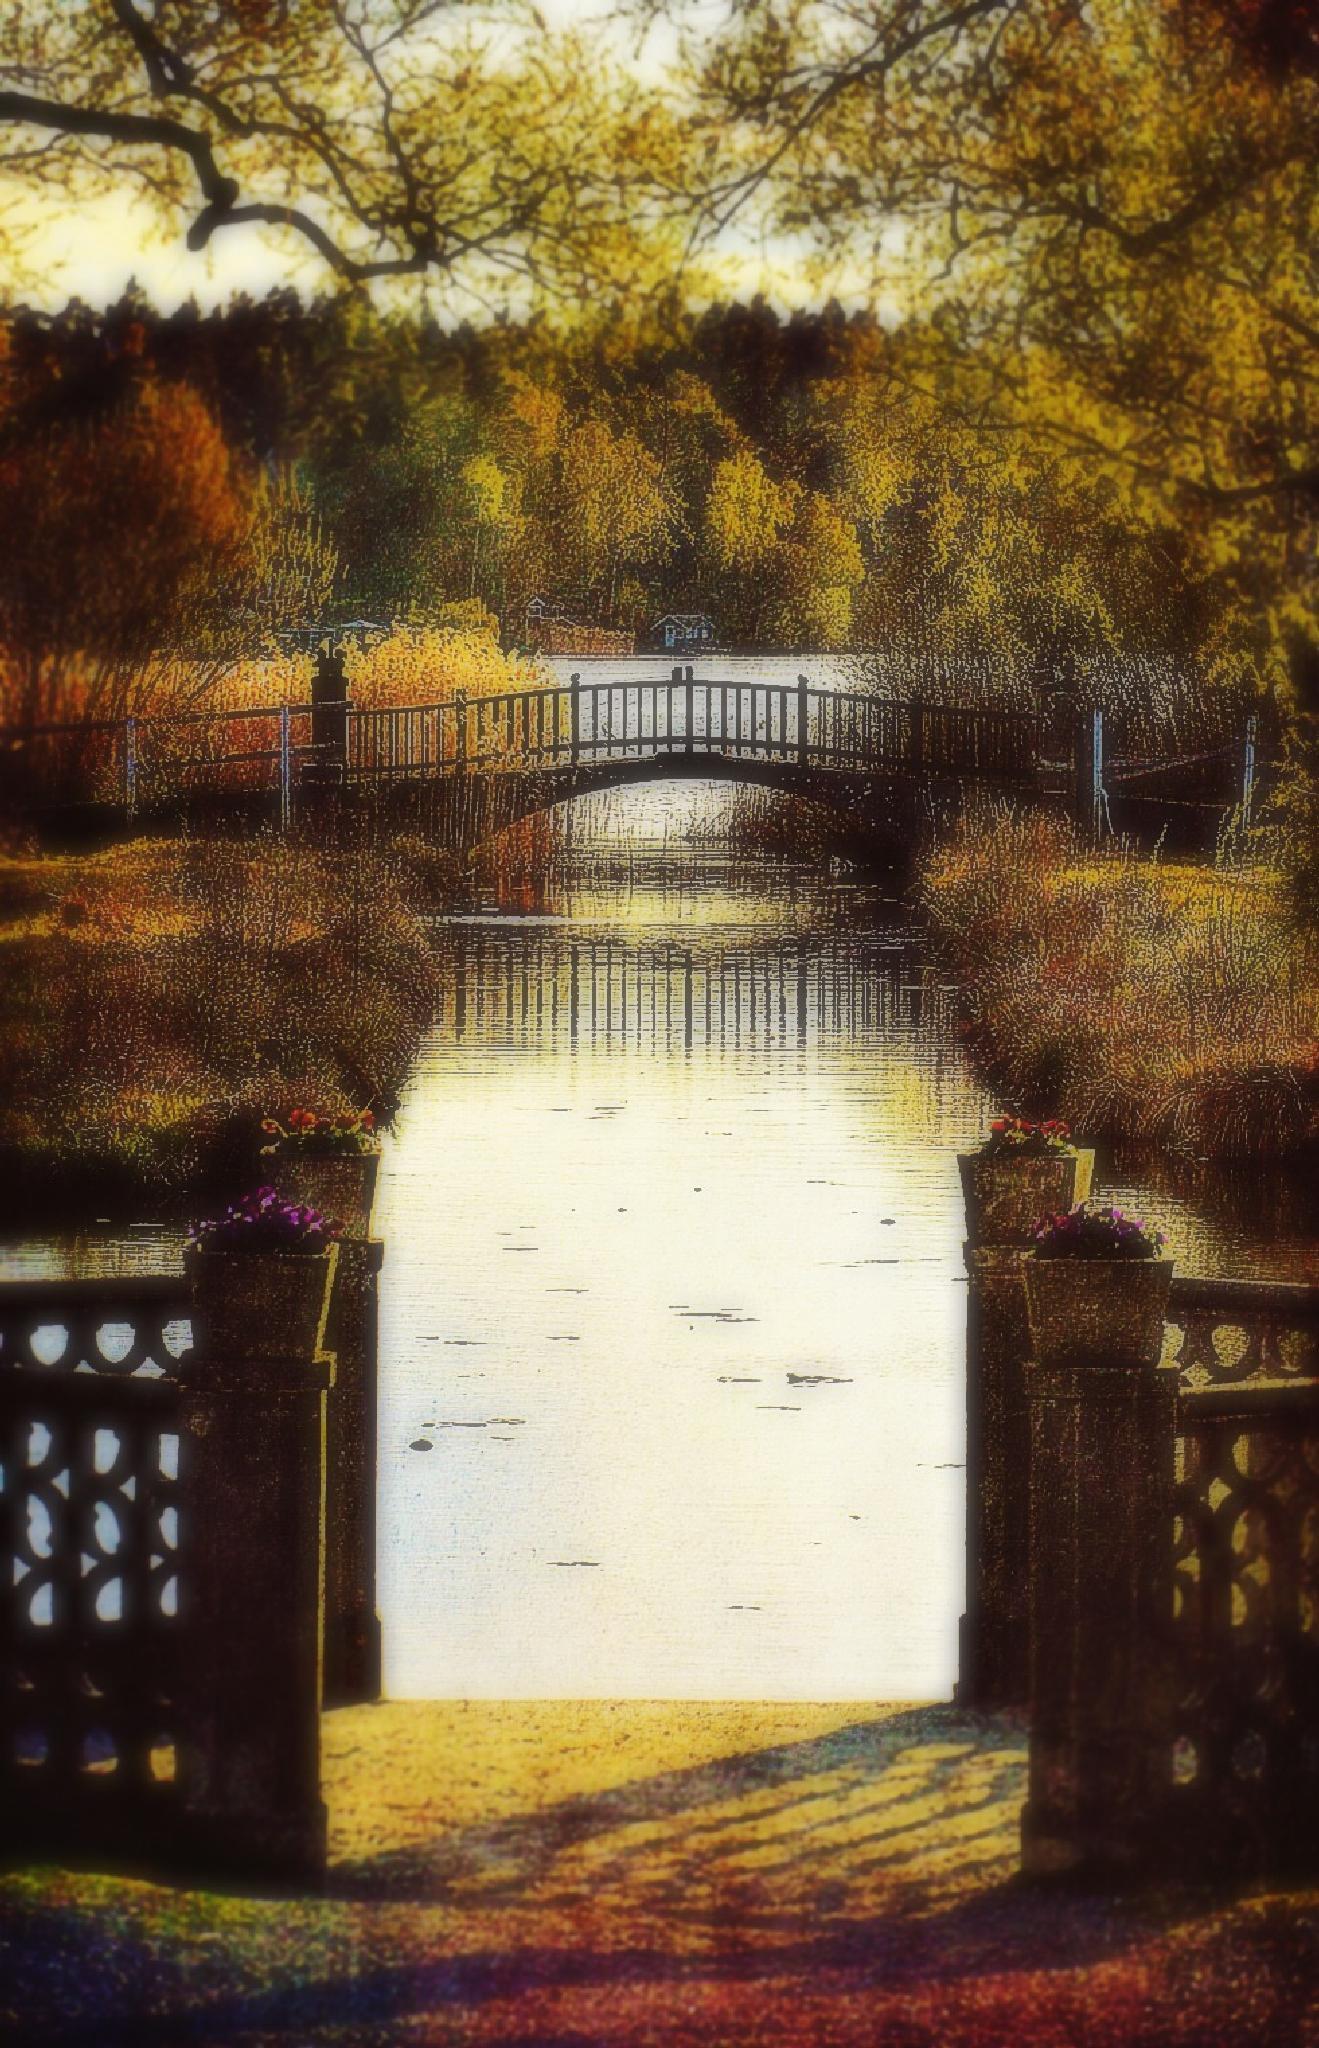 Water under bridge by RONNIE ERICSON